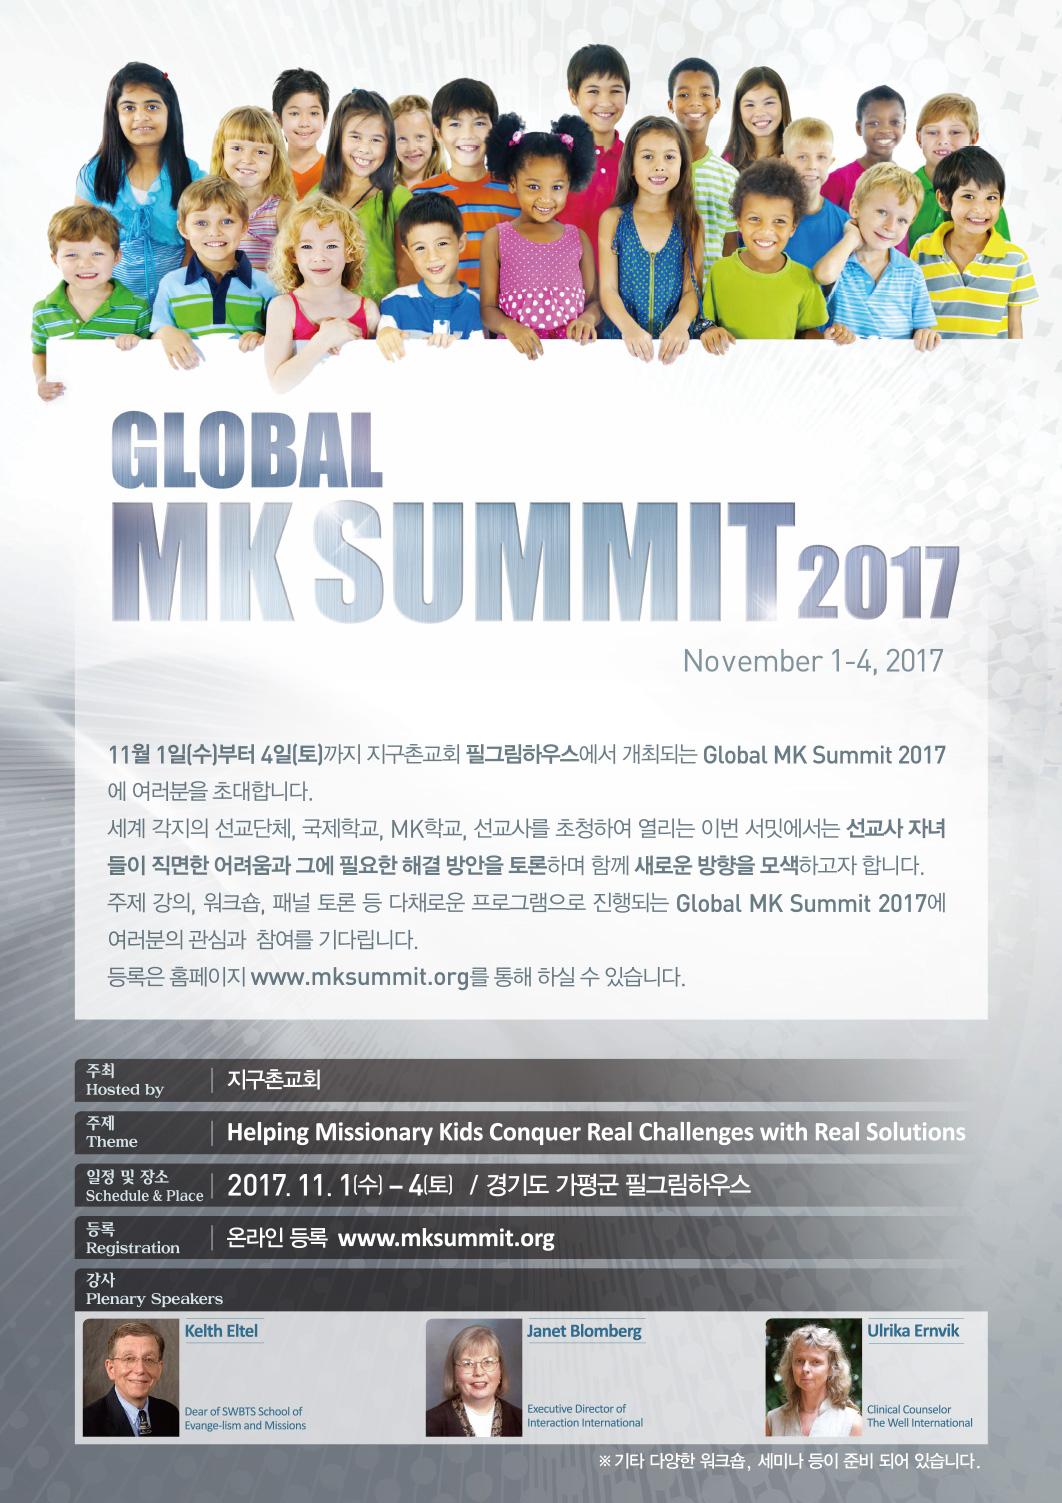 global_mk_summit2017.jpg